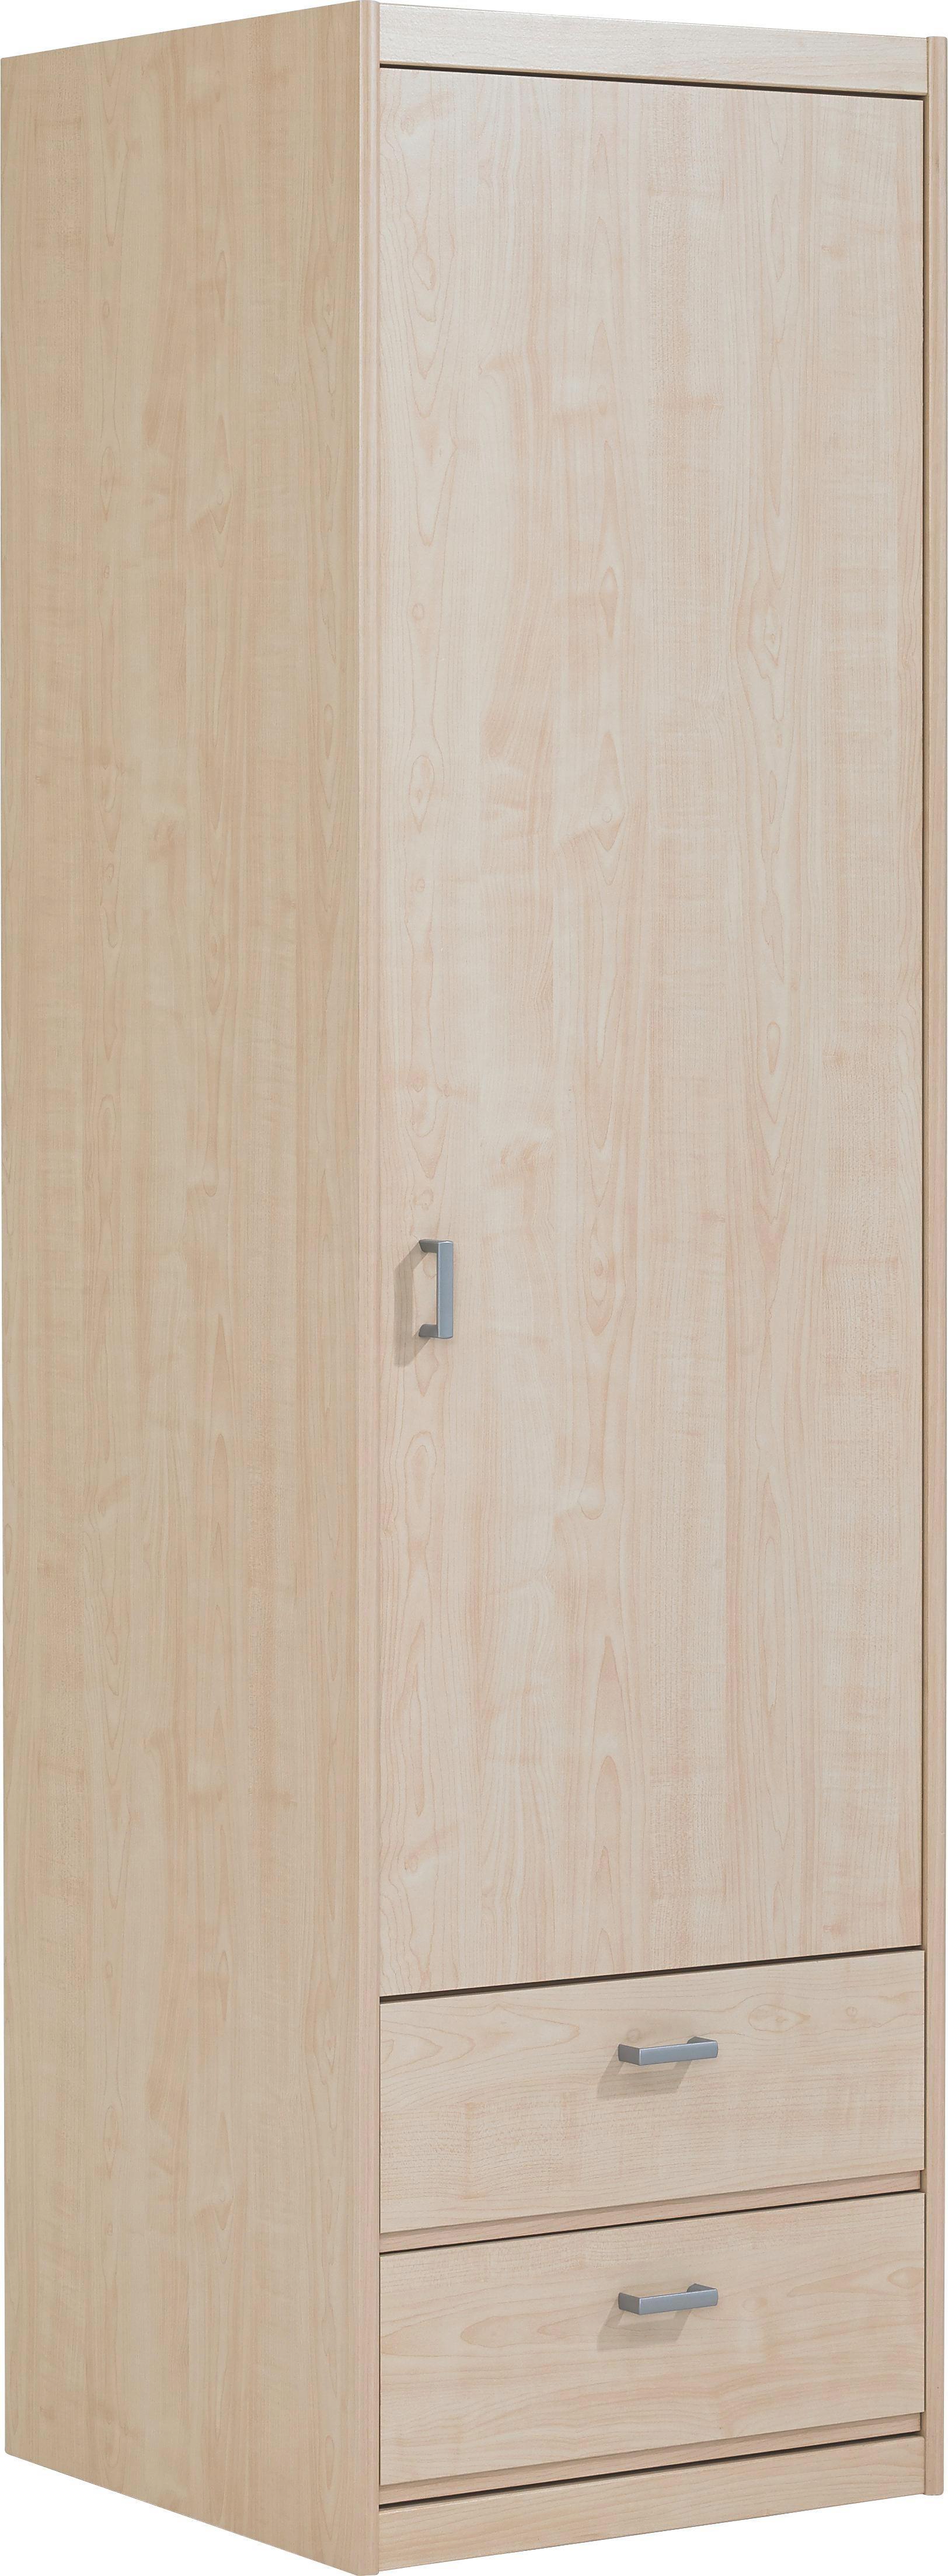 KLEIDERSCHRANK in Ahornfarben - Silberfarben/Ahornfarben, KONVENTIONELL, Holzwerkstoff/Kunststoff (55/194/54cm) - CS SCHMAL